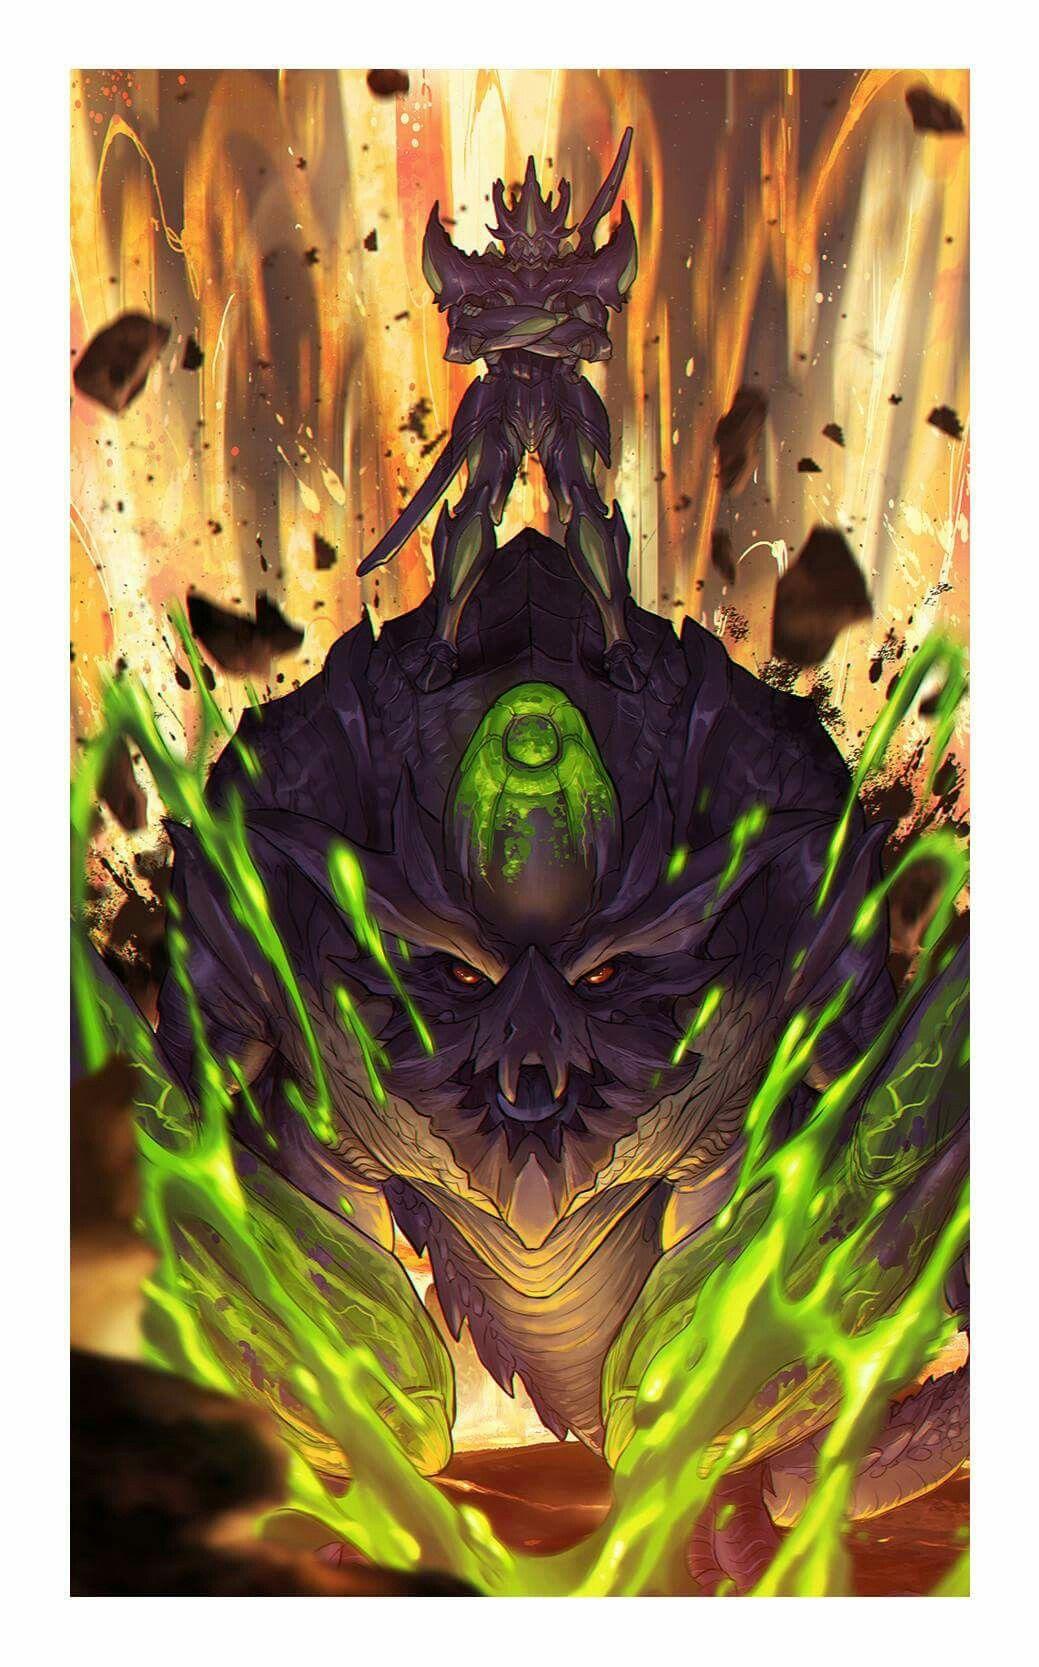 Badass Brachydios Art With Images Monster Hunter Art